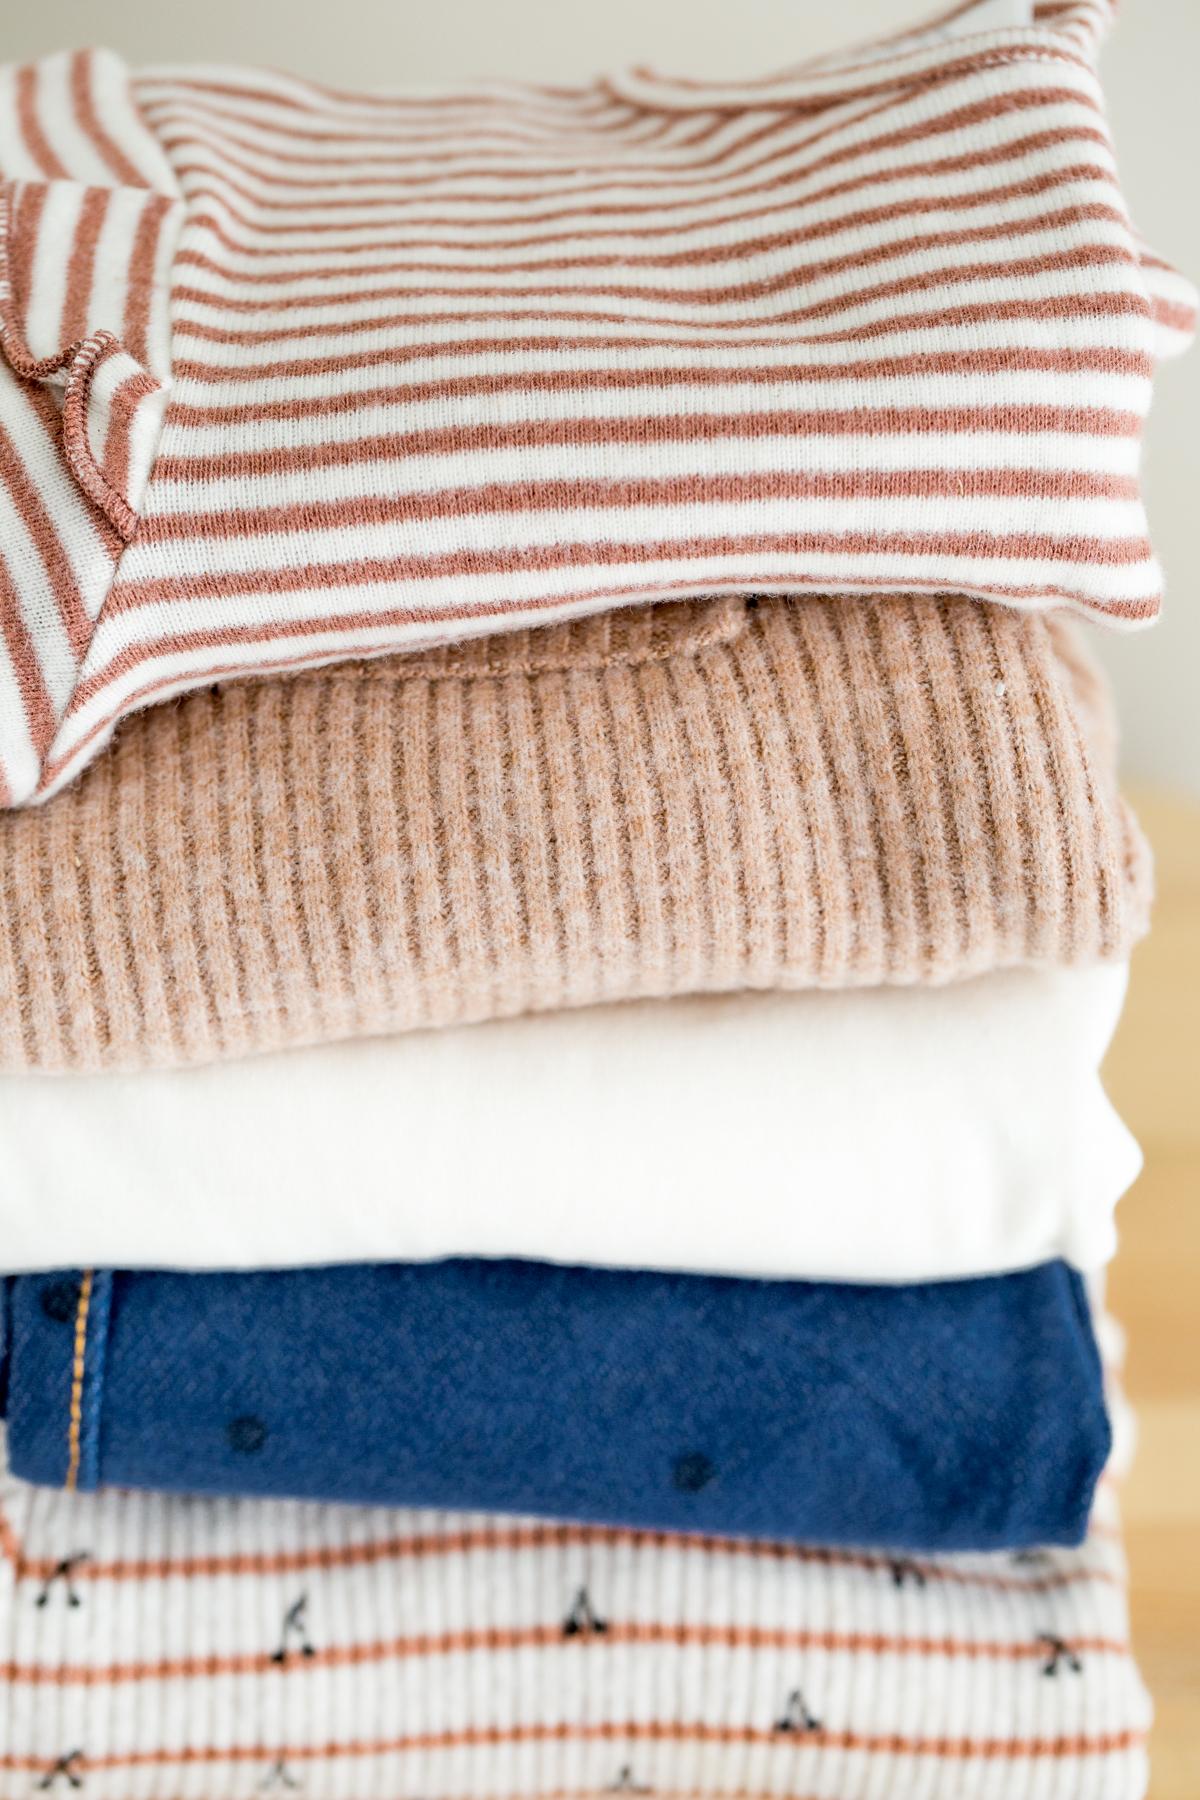 girls capsule wardrobe closeup of folded clothing stacked